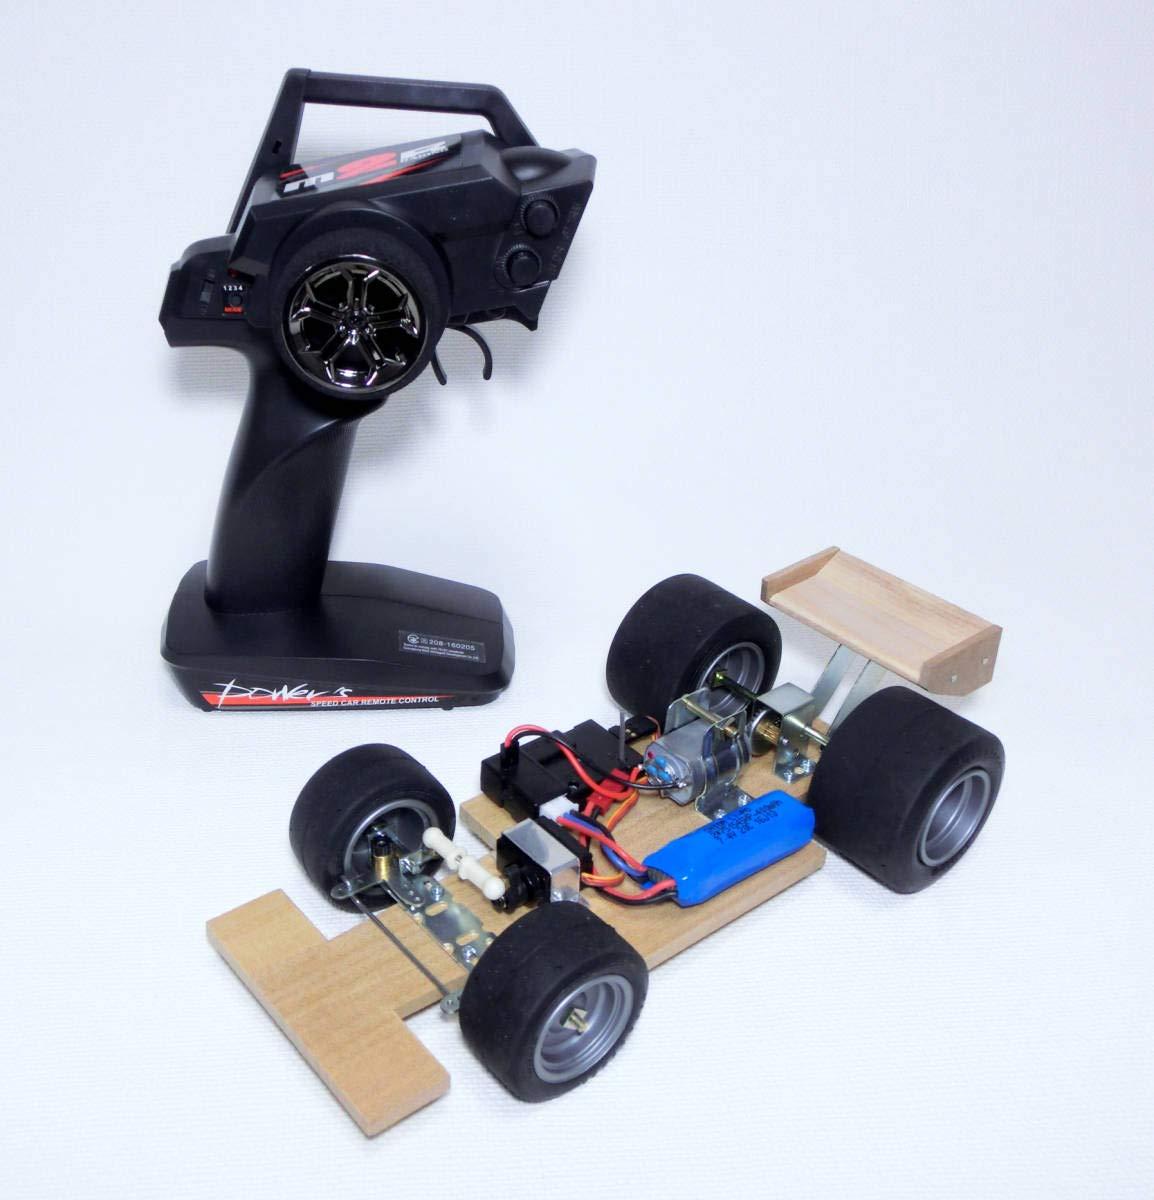 タミヤ 楽しい工作 NO.35 F-1工作基本セット 改造ラジコン バッテリー+充電器付 フルセット B07ST7XKLG